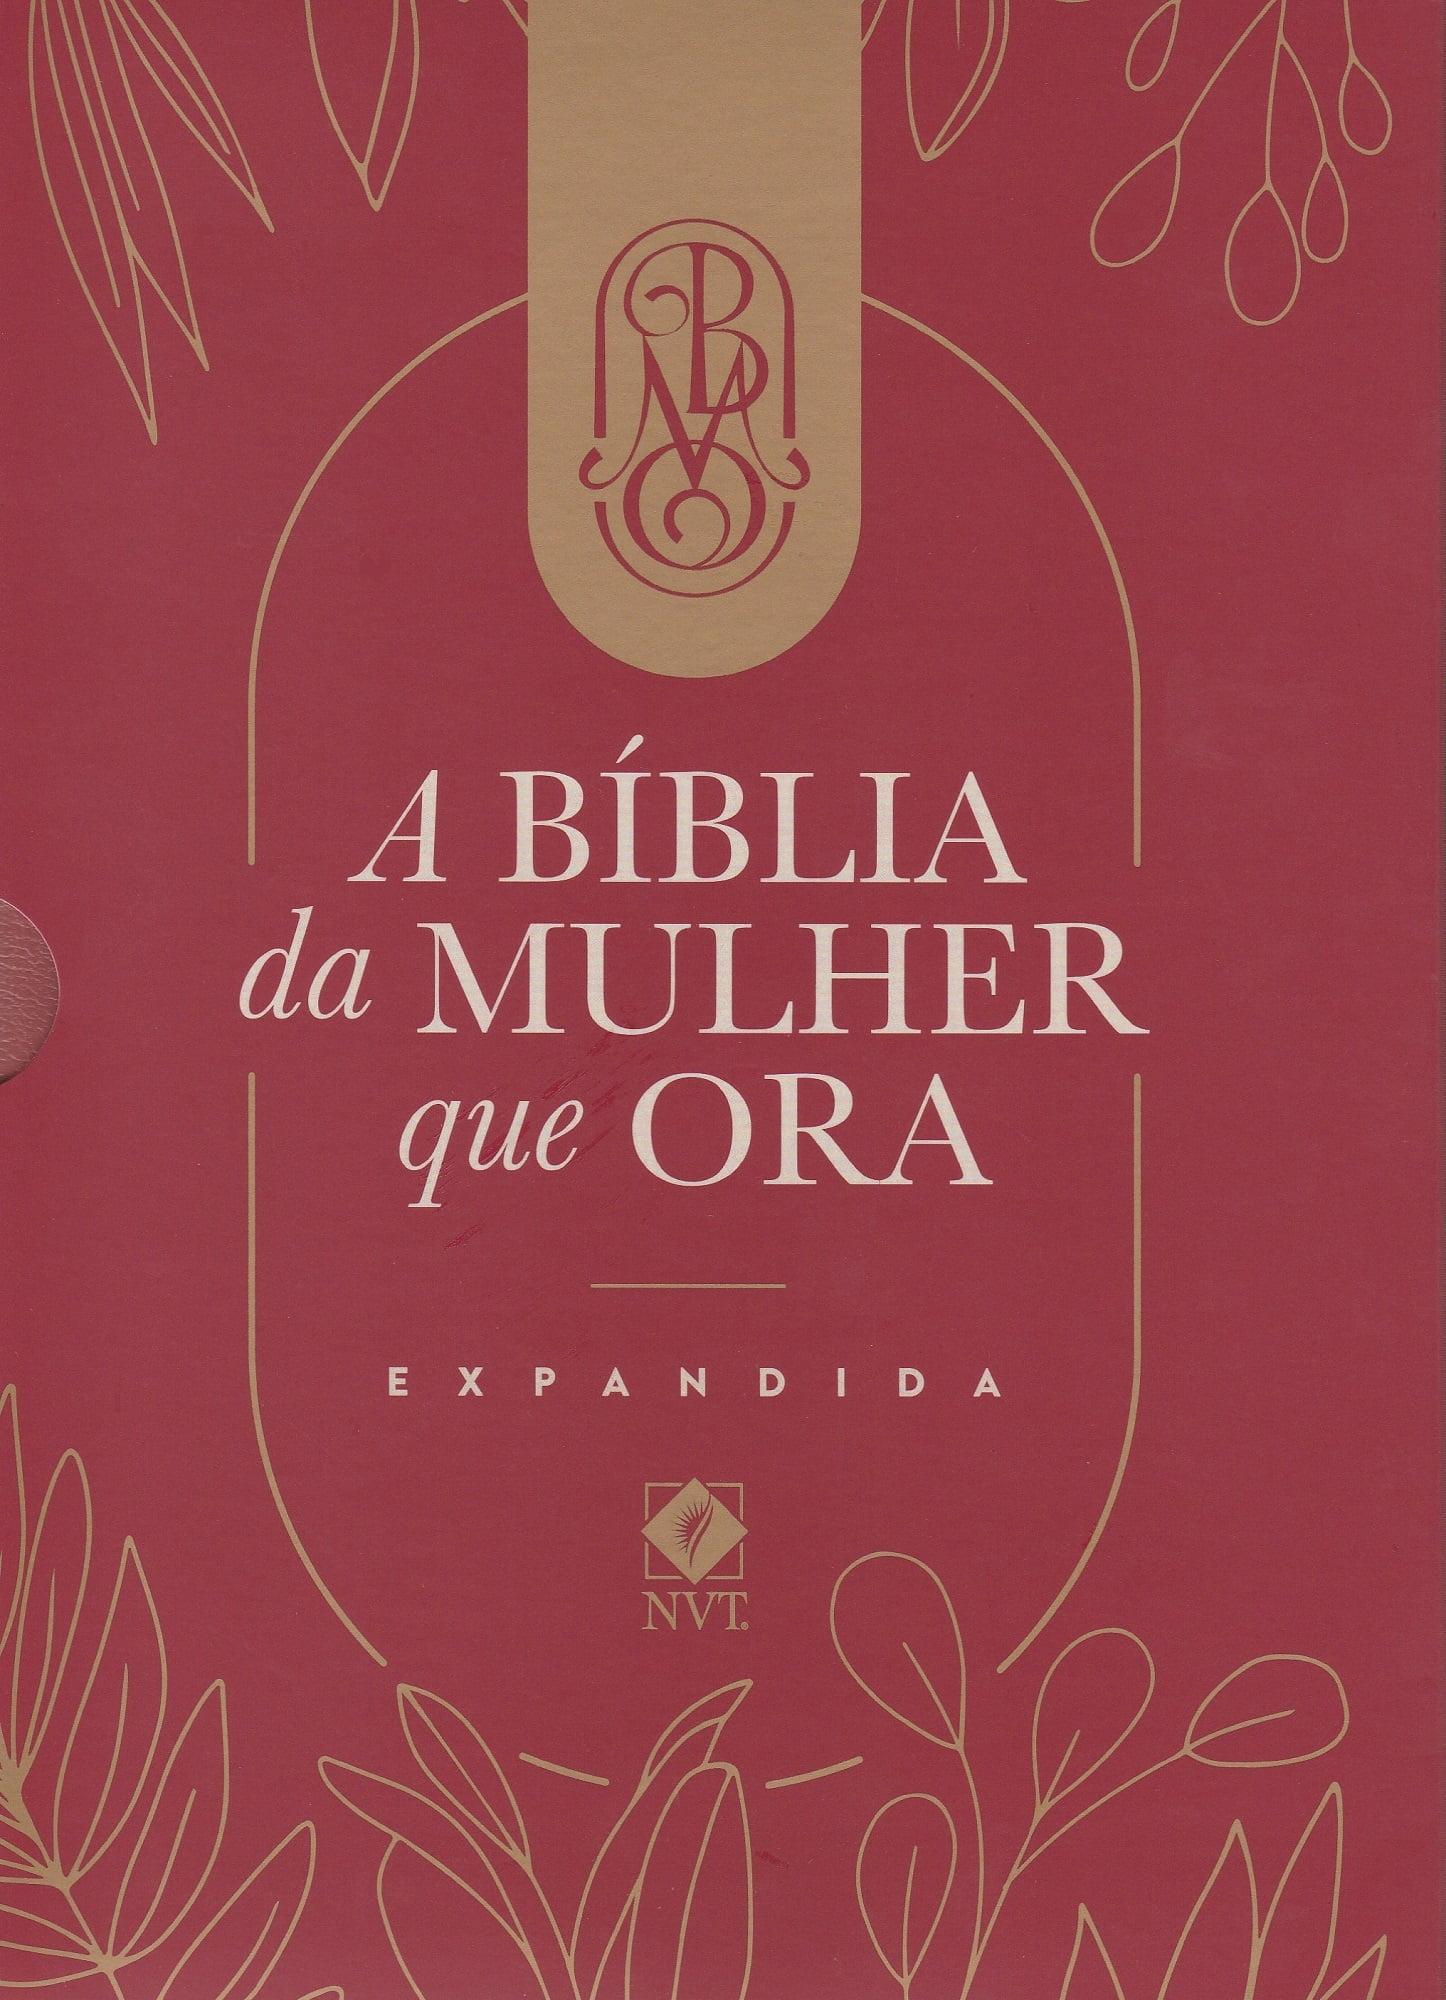 Bíblia NVT - A Bíblia da Mulher que Ora - Vinho - Expandida